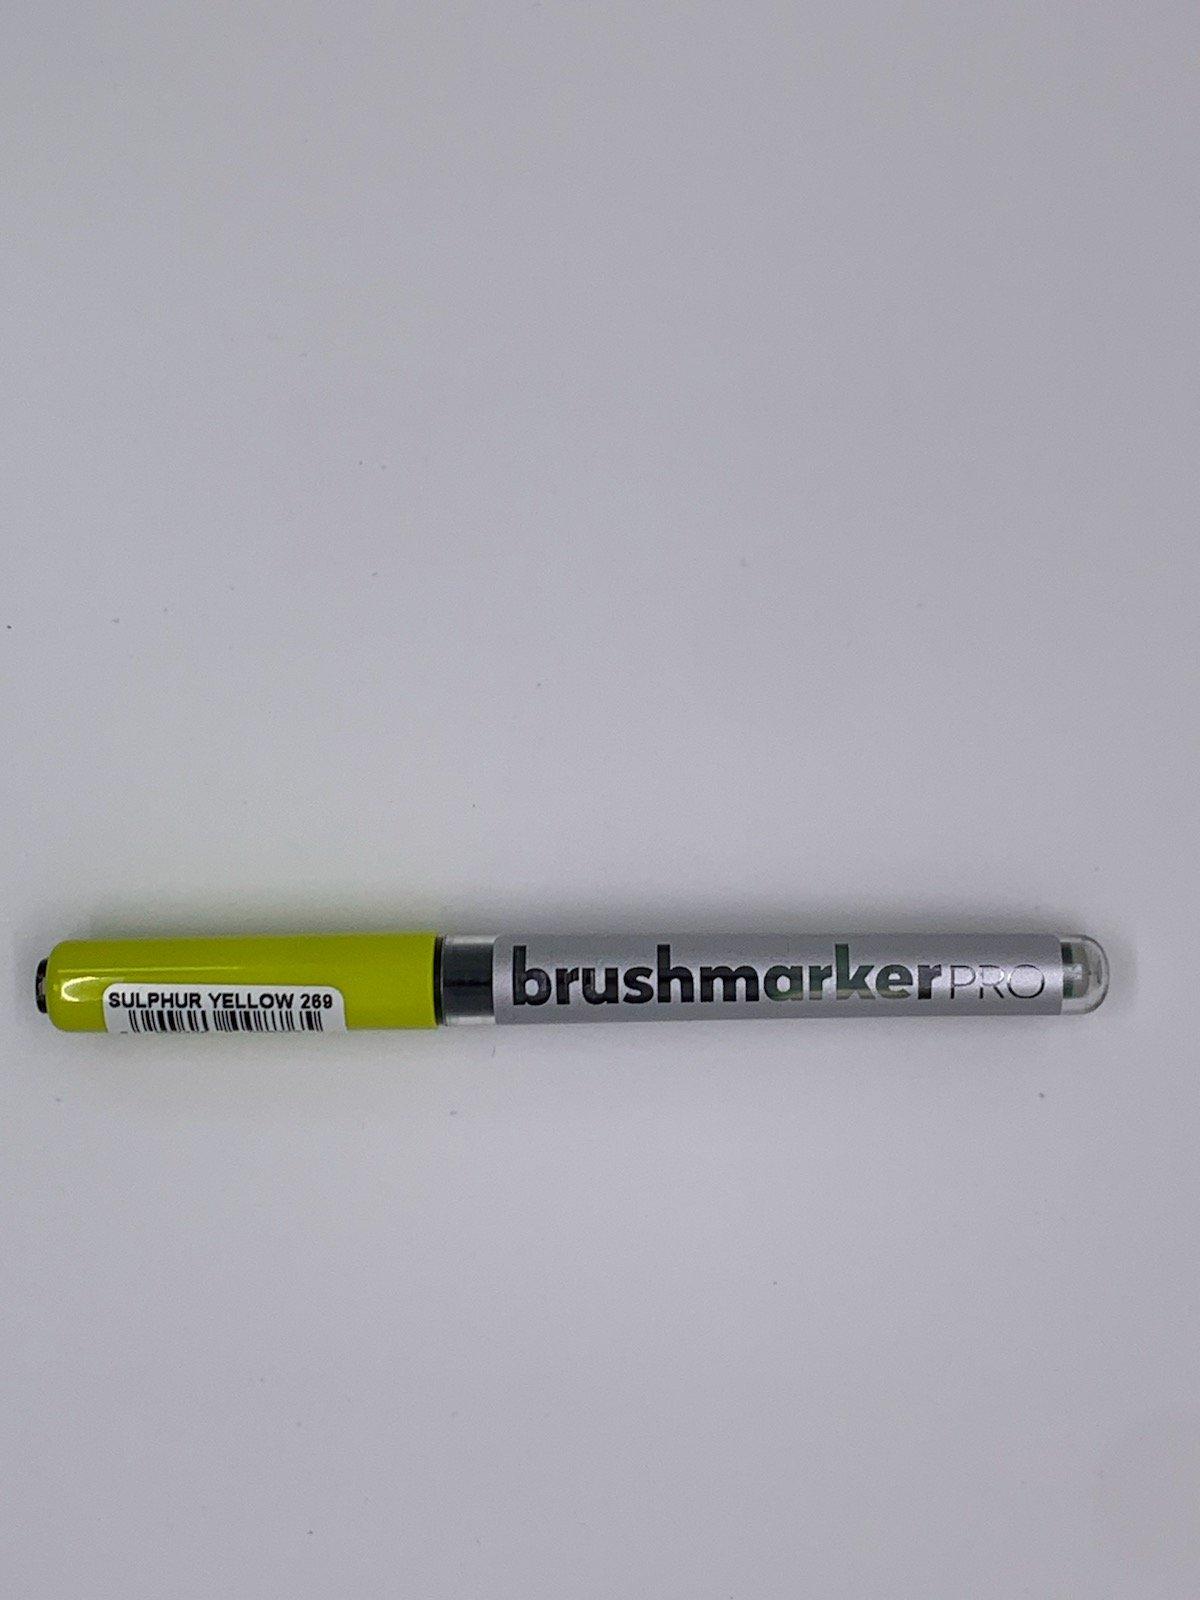 Brushmarker - Sulphur Yellow